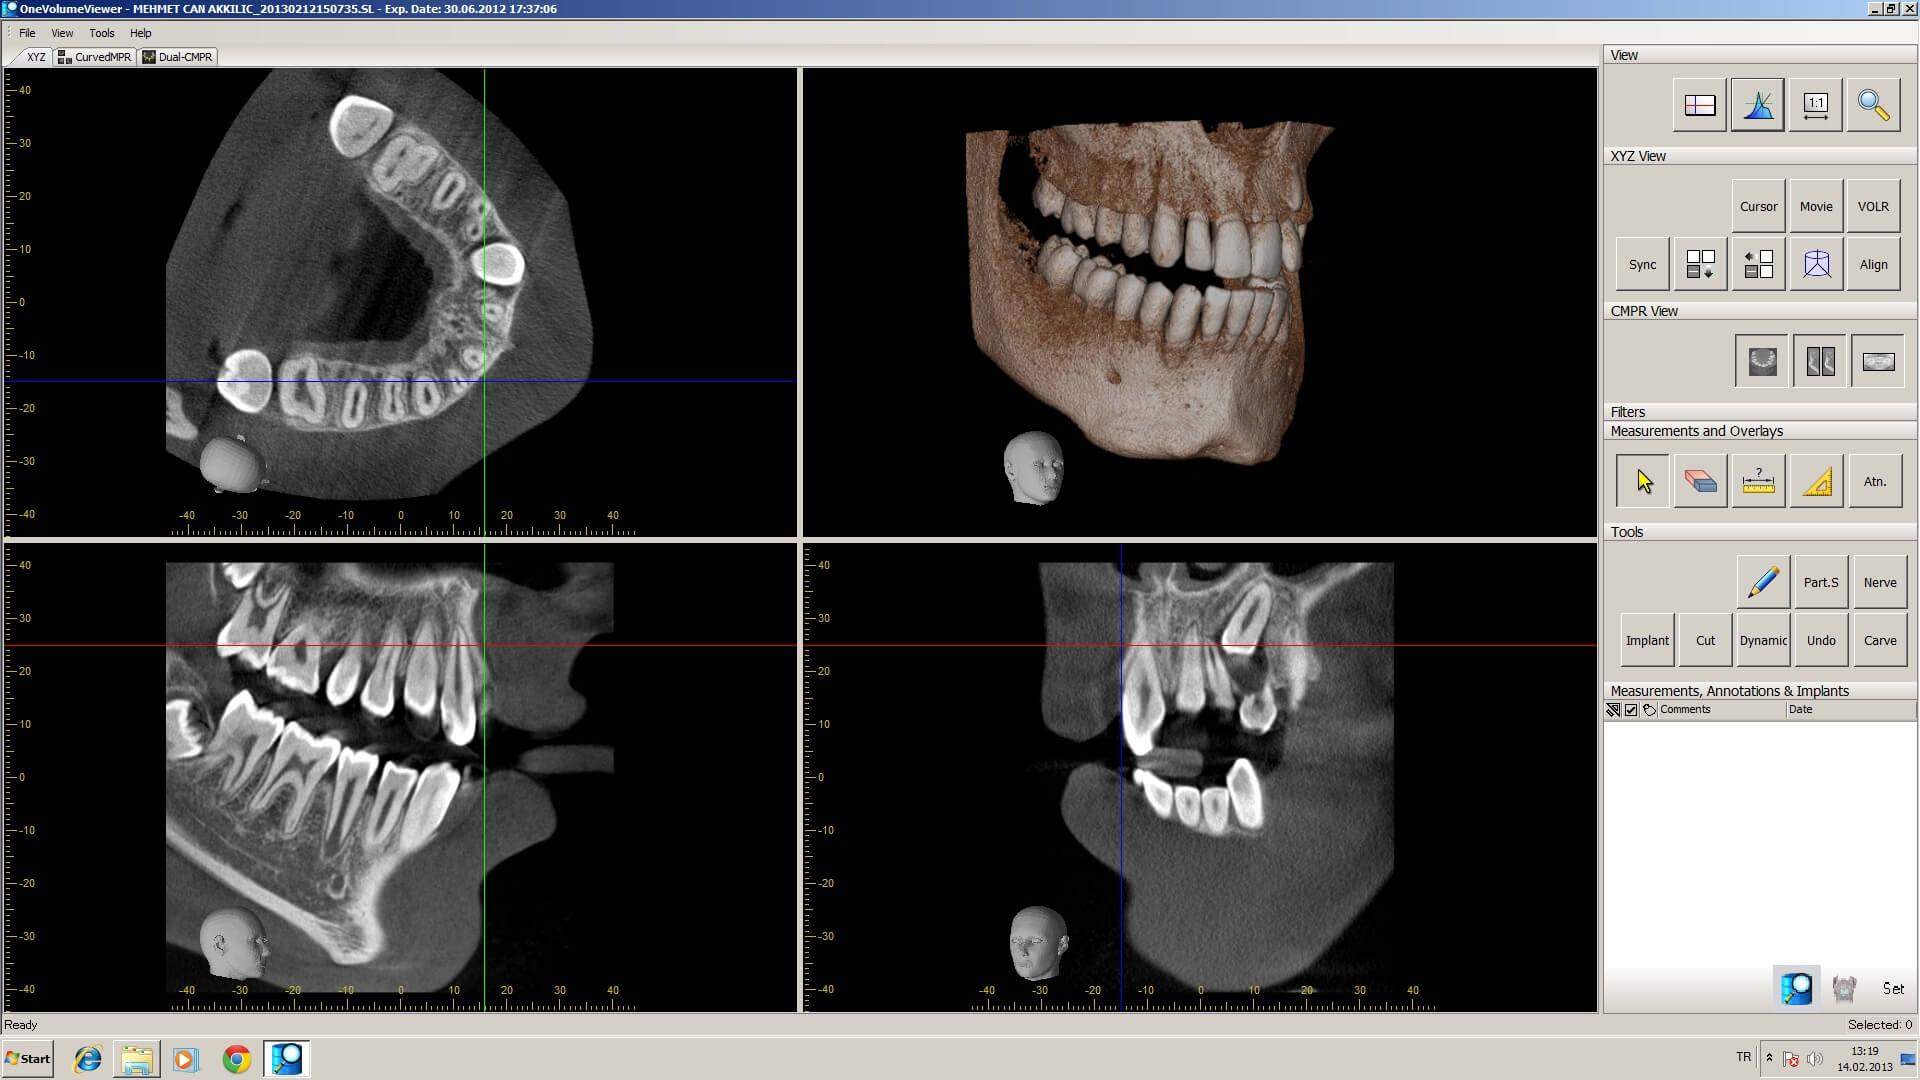 Veraviewepocs R100 Röntgen 6